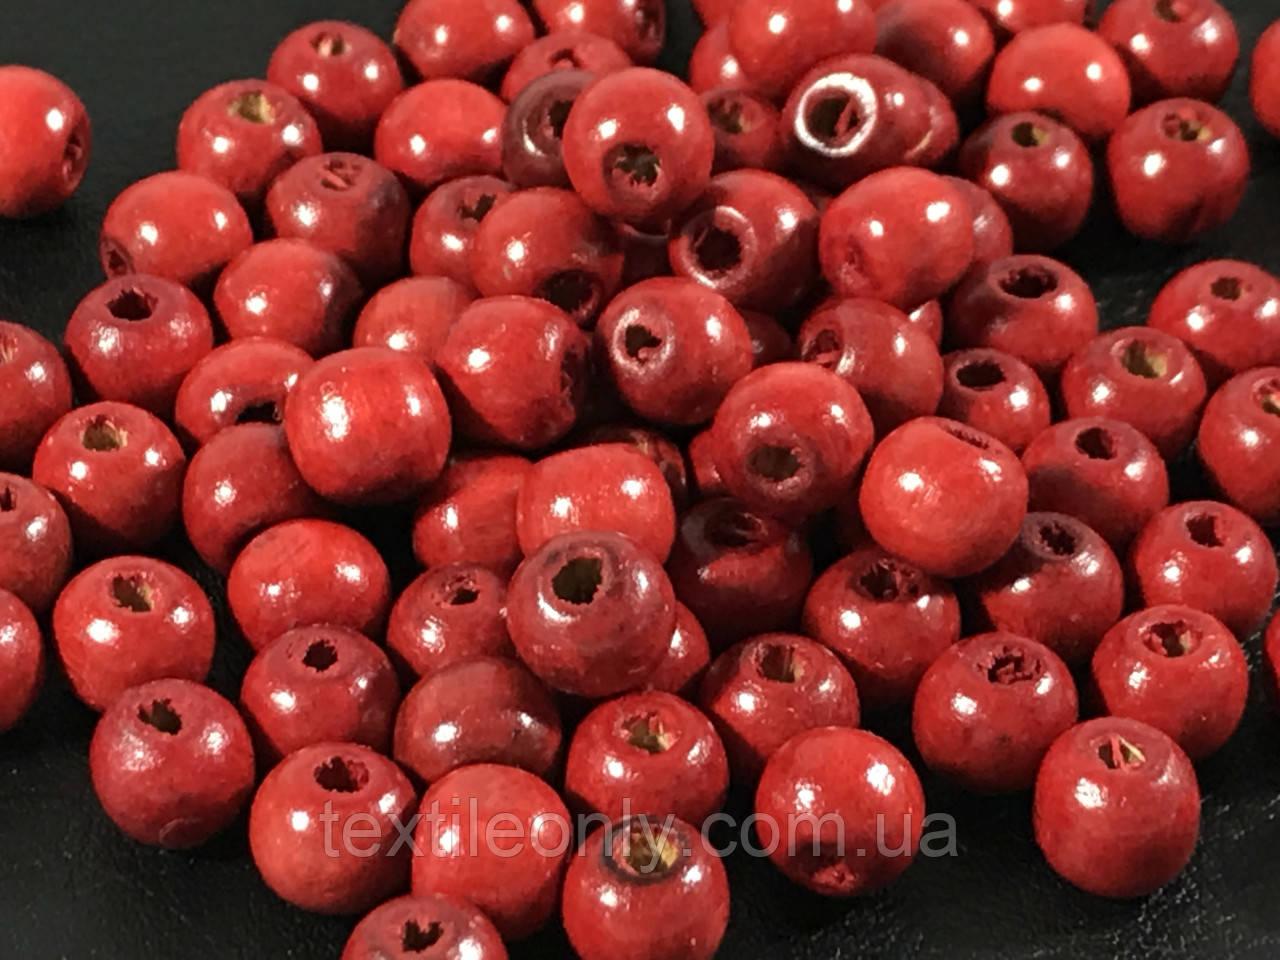 Деревянные бусины красные 7.5 мм упаковка 100 шт